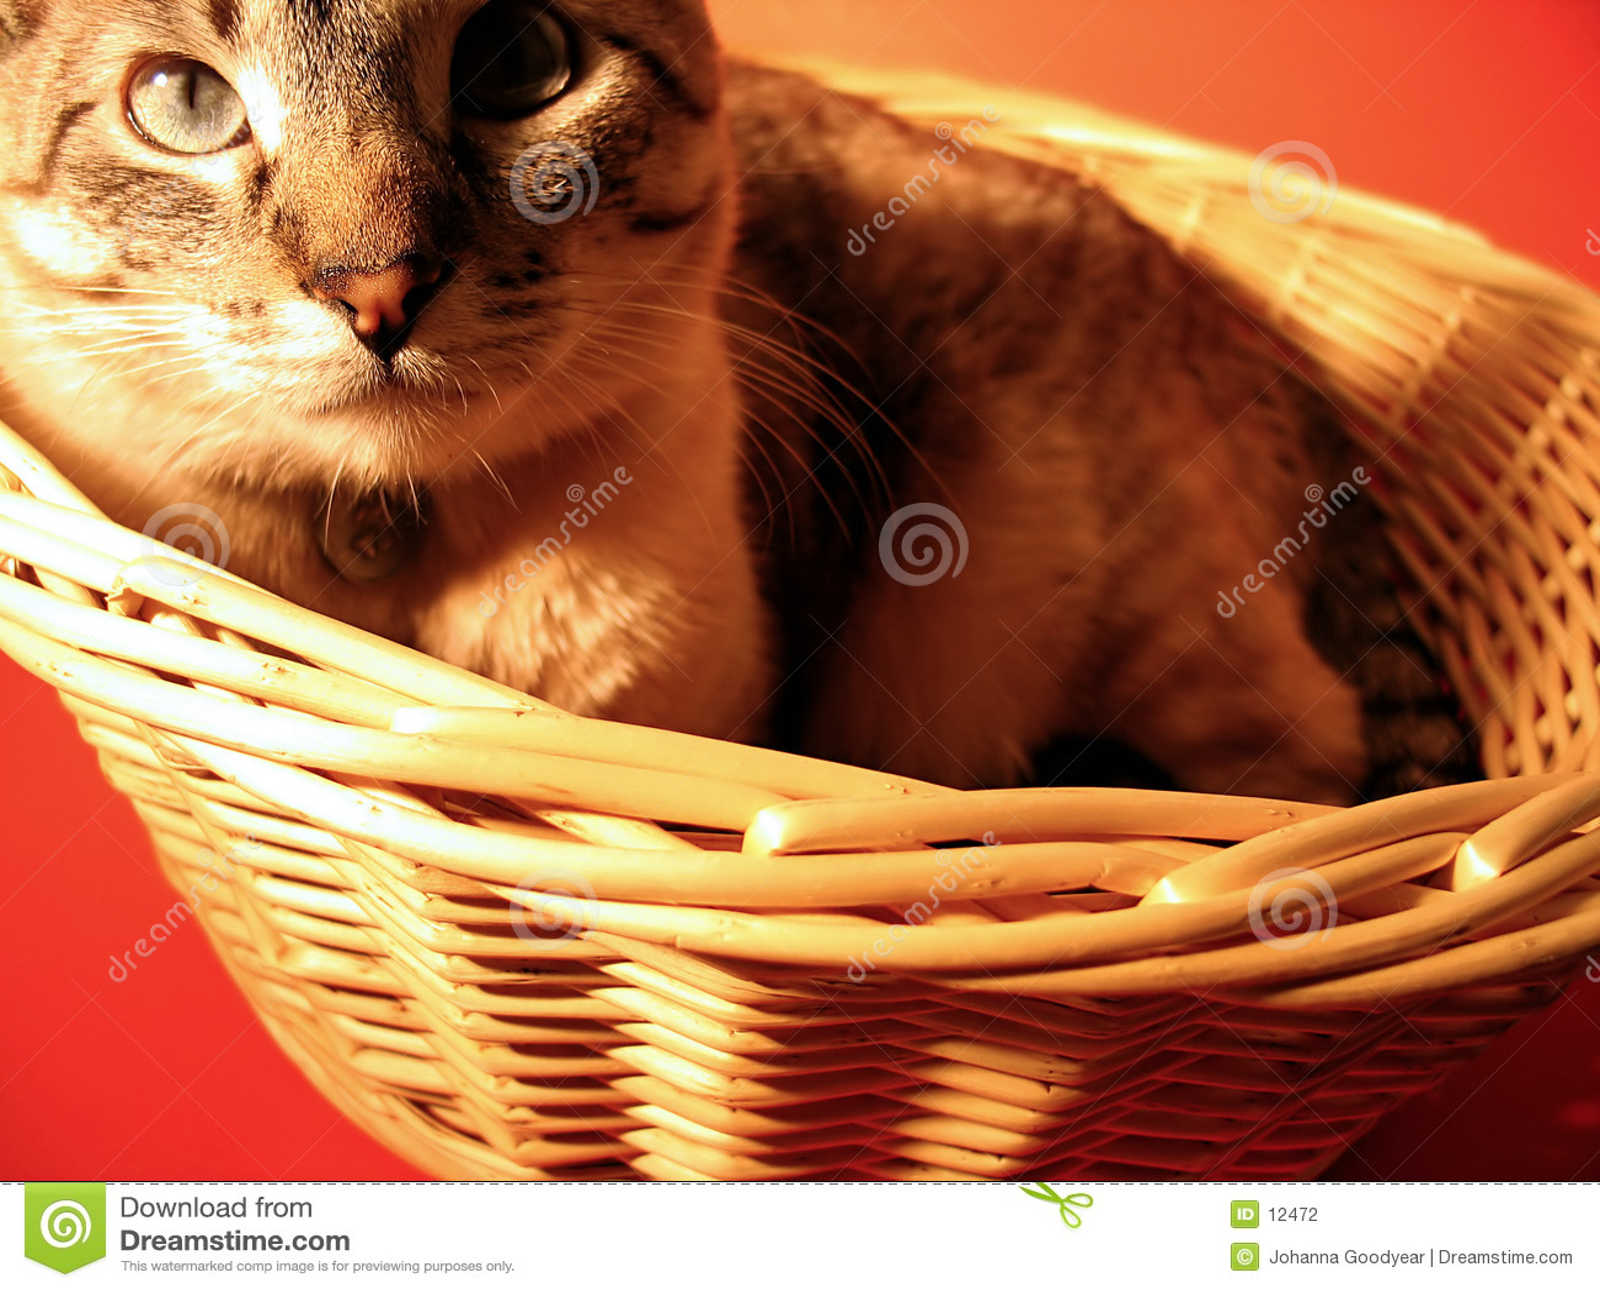 Katze in einem Korb